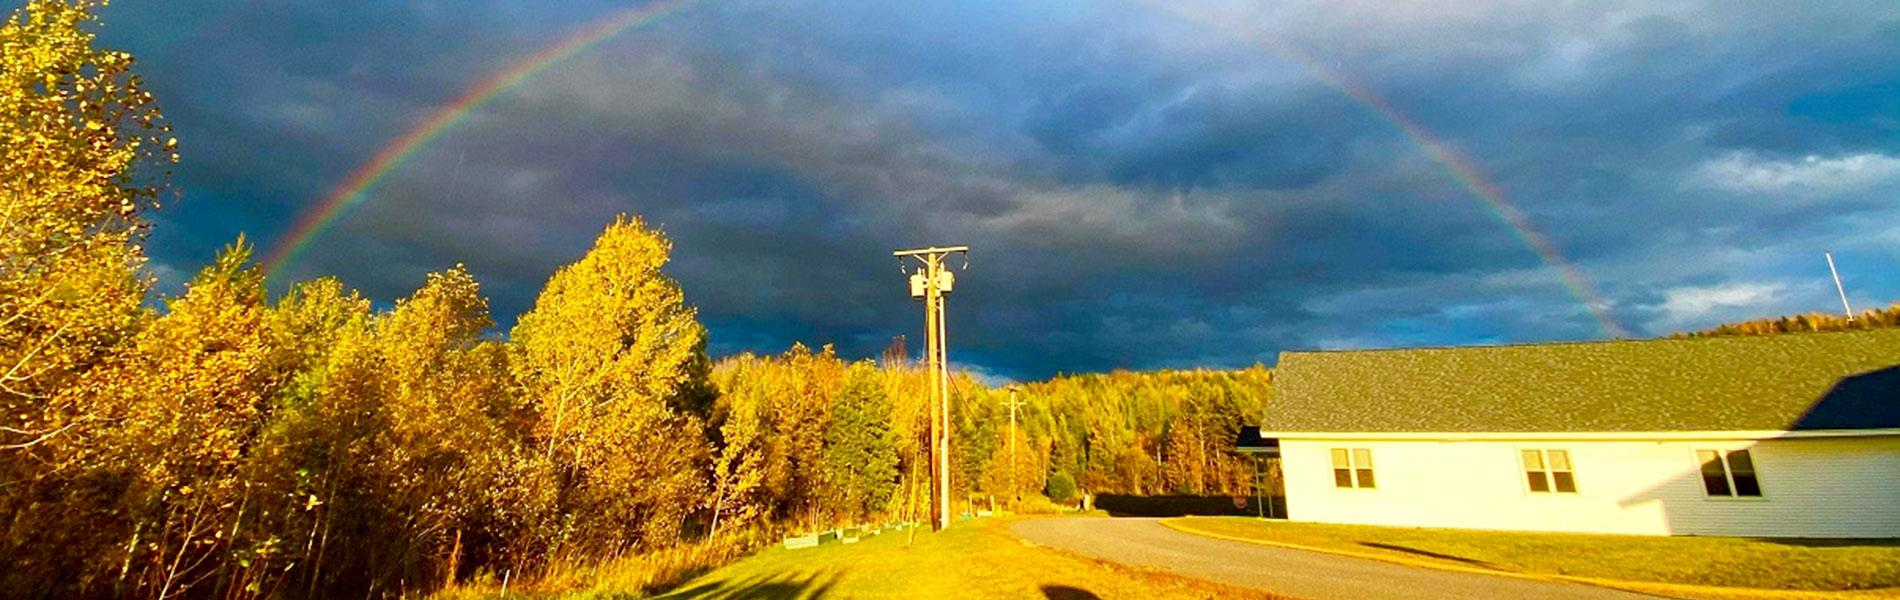 Rainbow at Stewartstown school